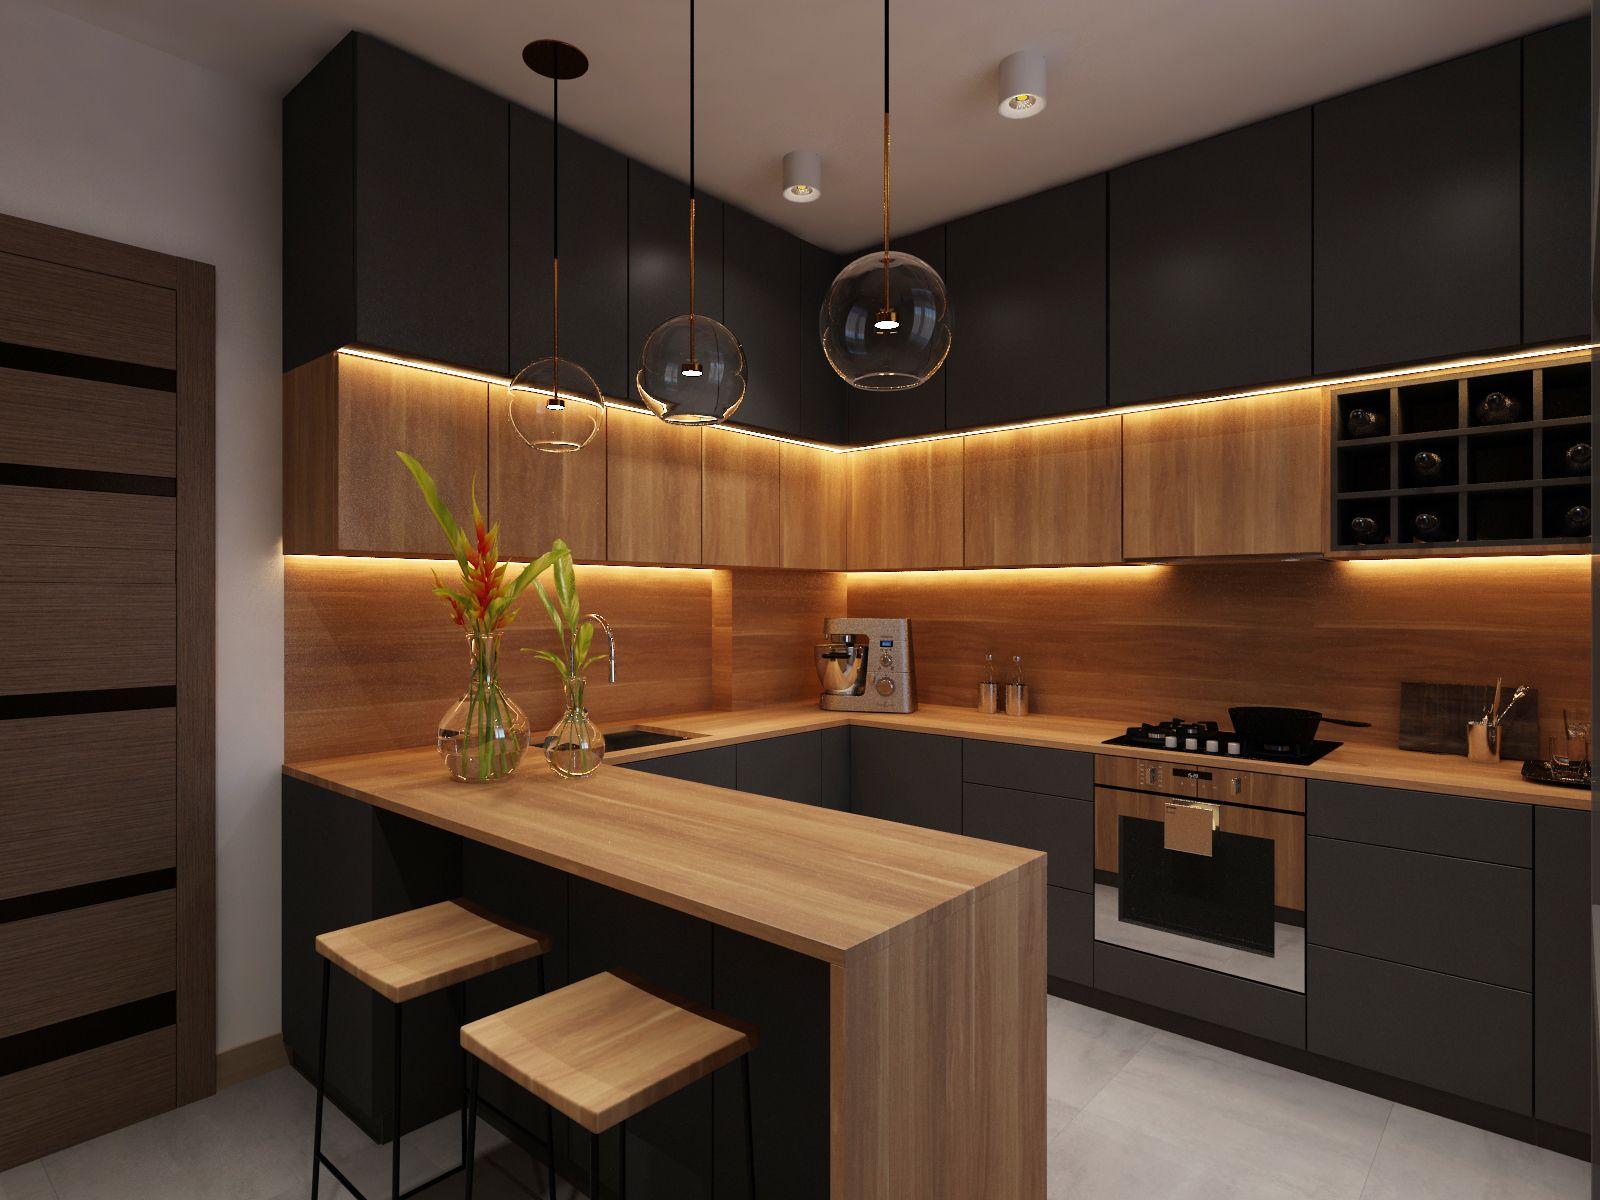 jak należy projektować kuchnię